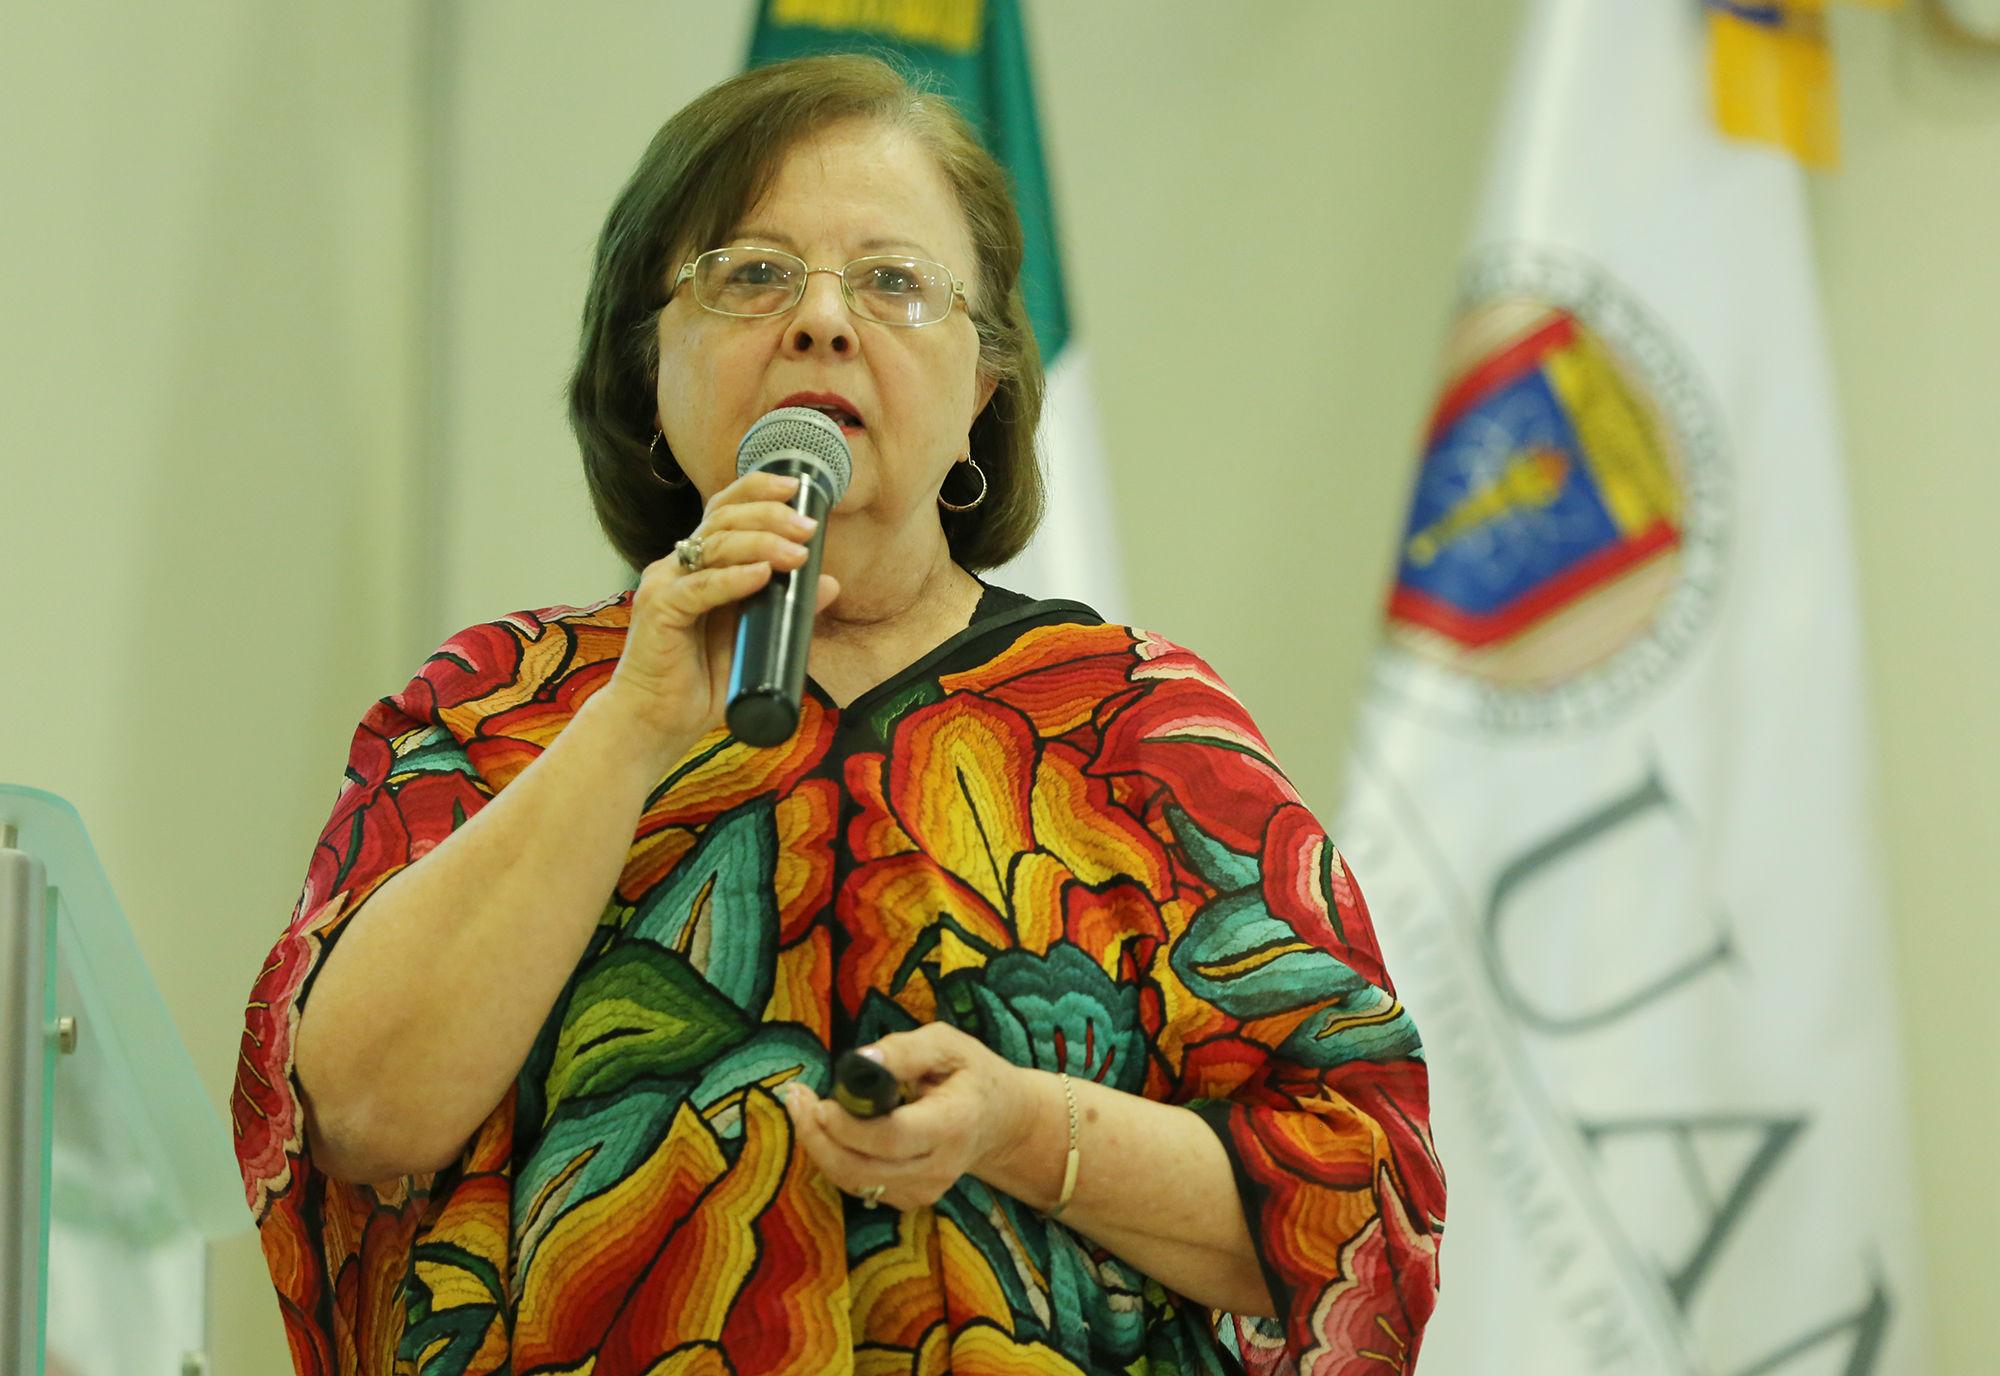 """Ochoa Treviño planteó que habría que analizar el discurso y el lenguaje cuando los medios utilizan frases como """"crimen pasional"""